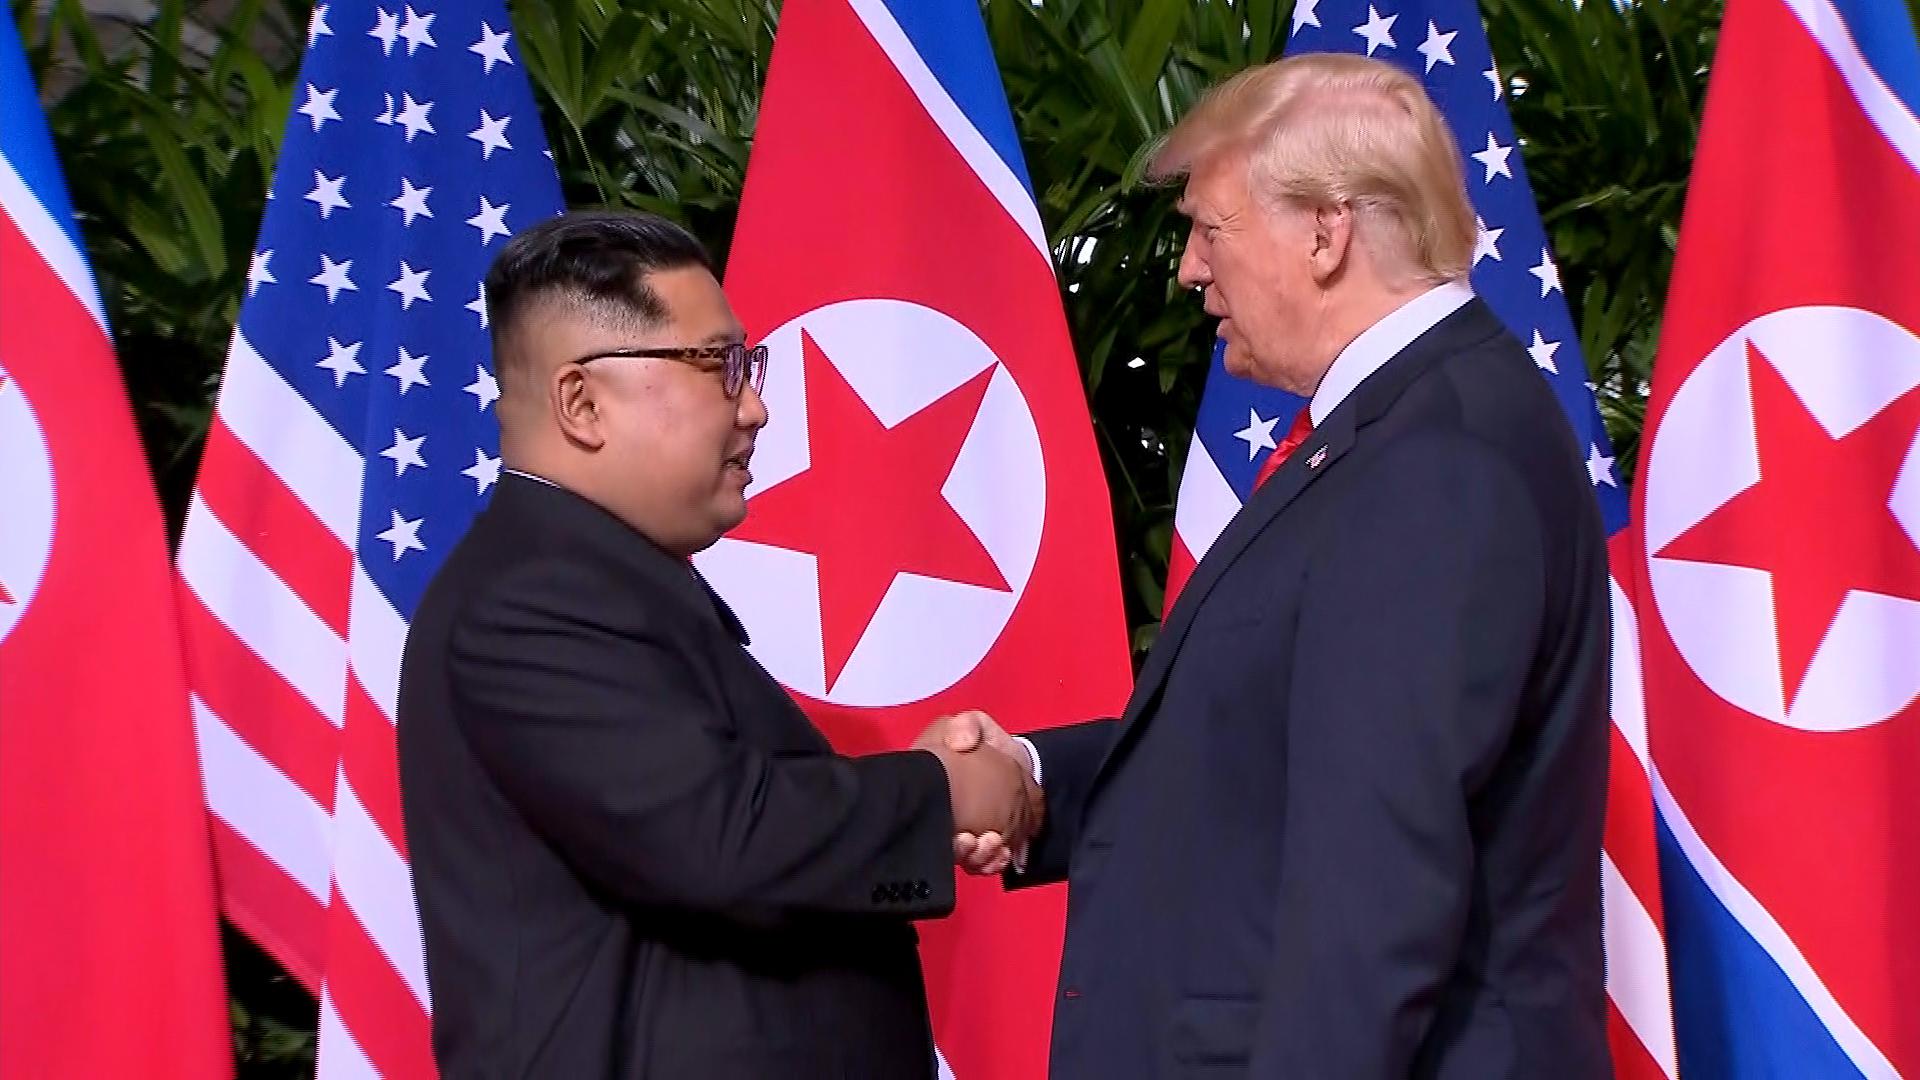 kım-jong-un-ve-donald-trump